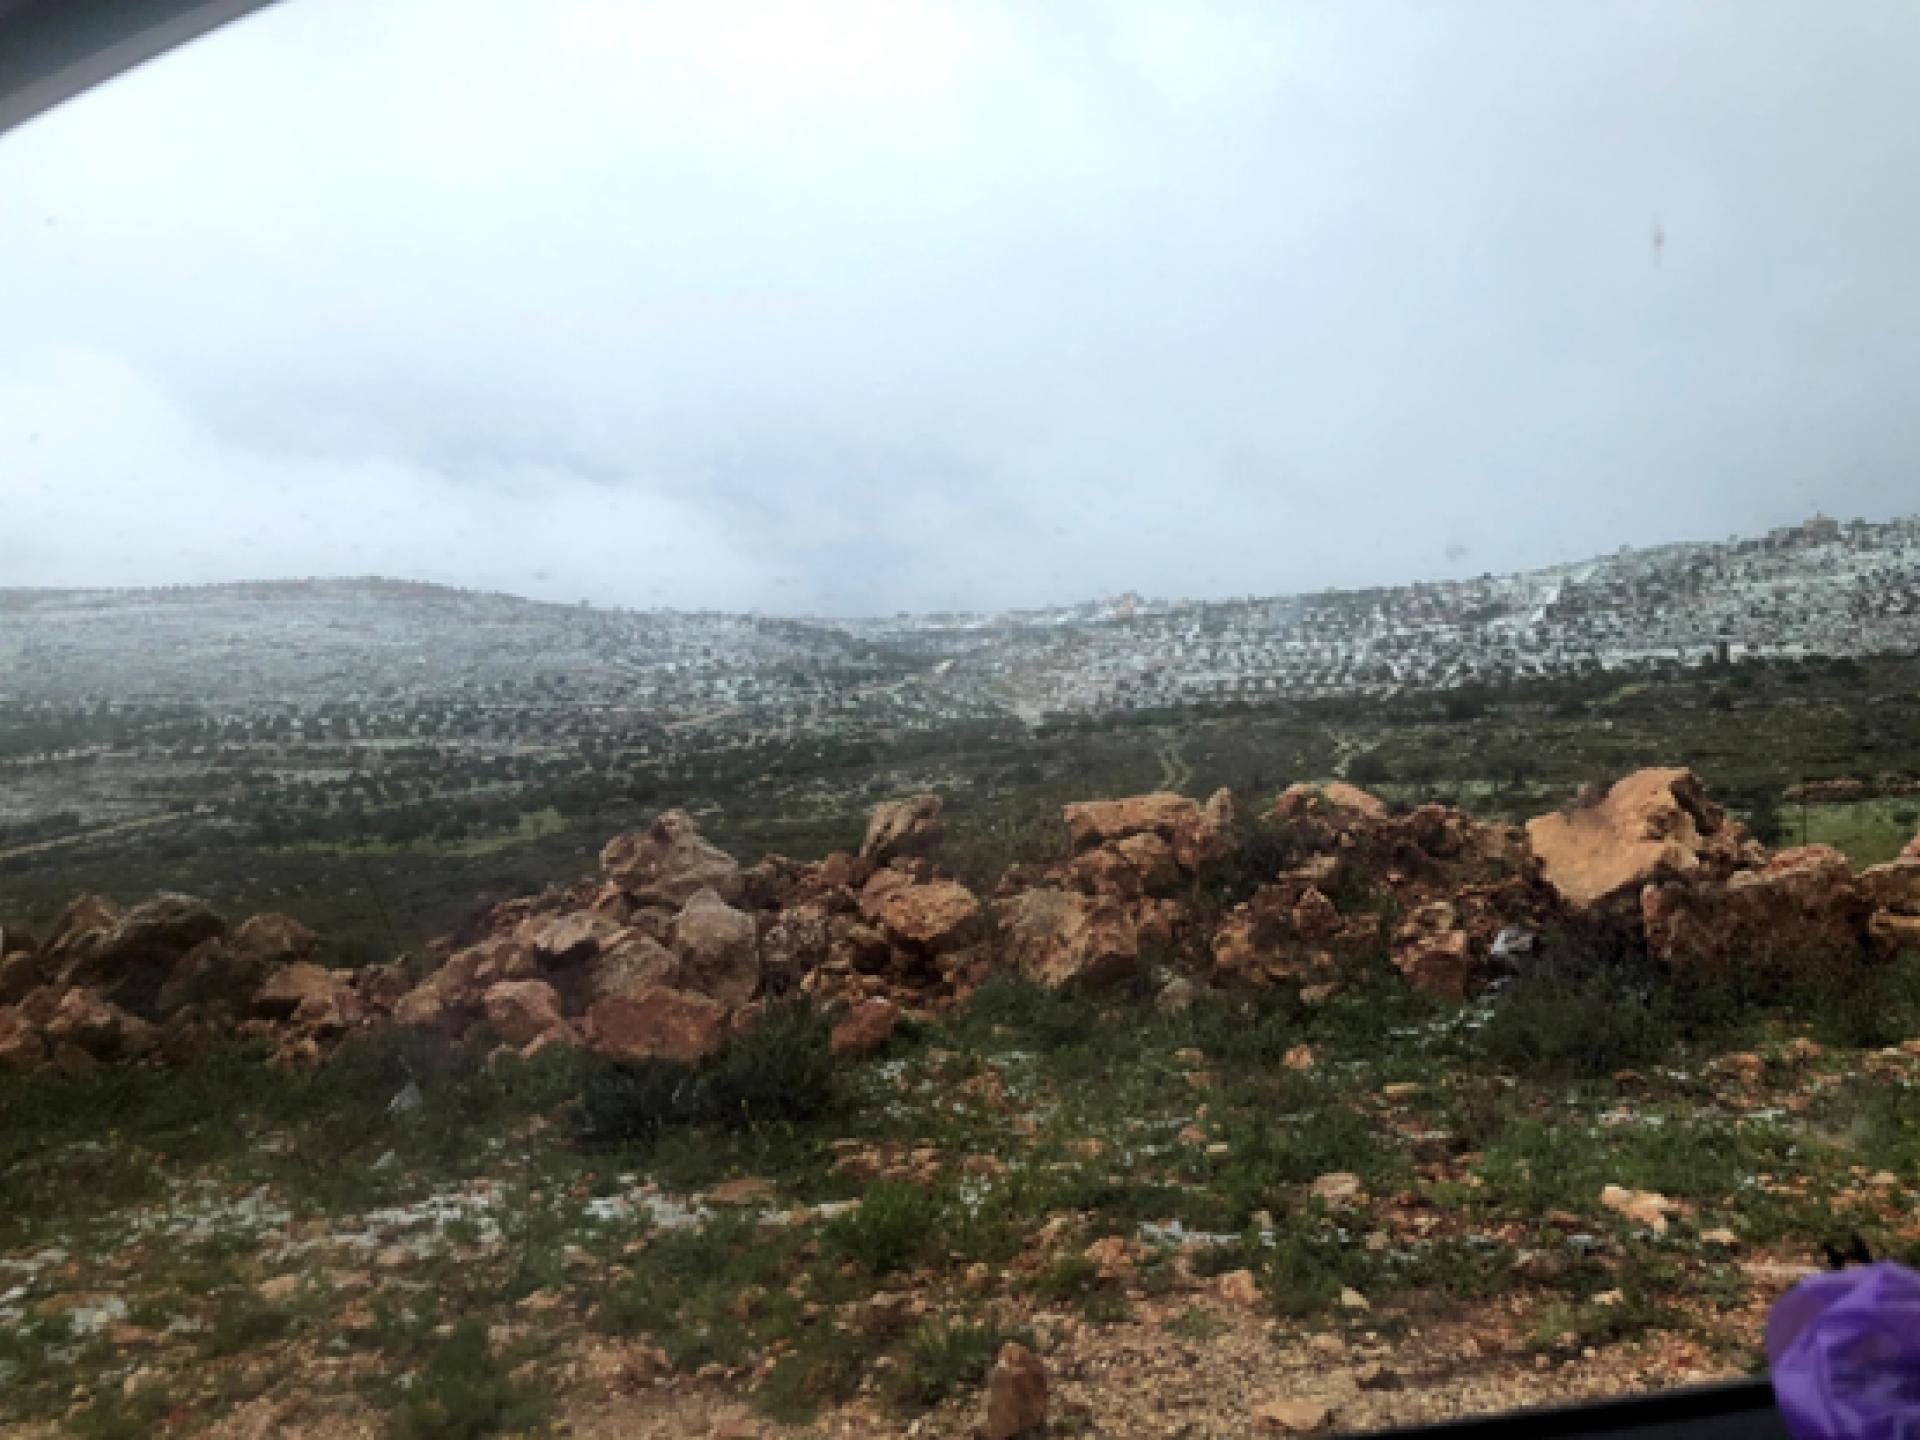 תמונת נוף מהבקעה, הרים מושלגים בחלקם וצמחיית חורף